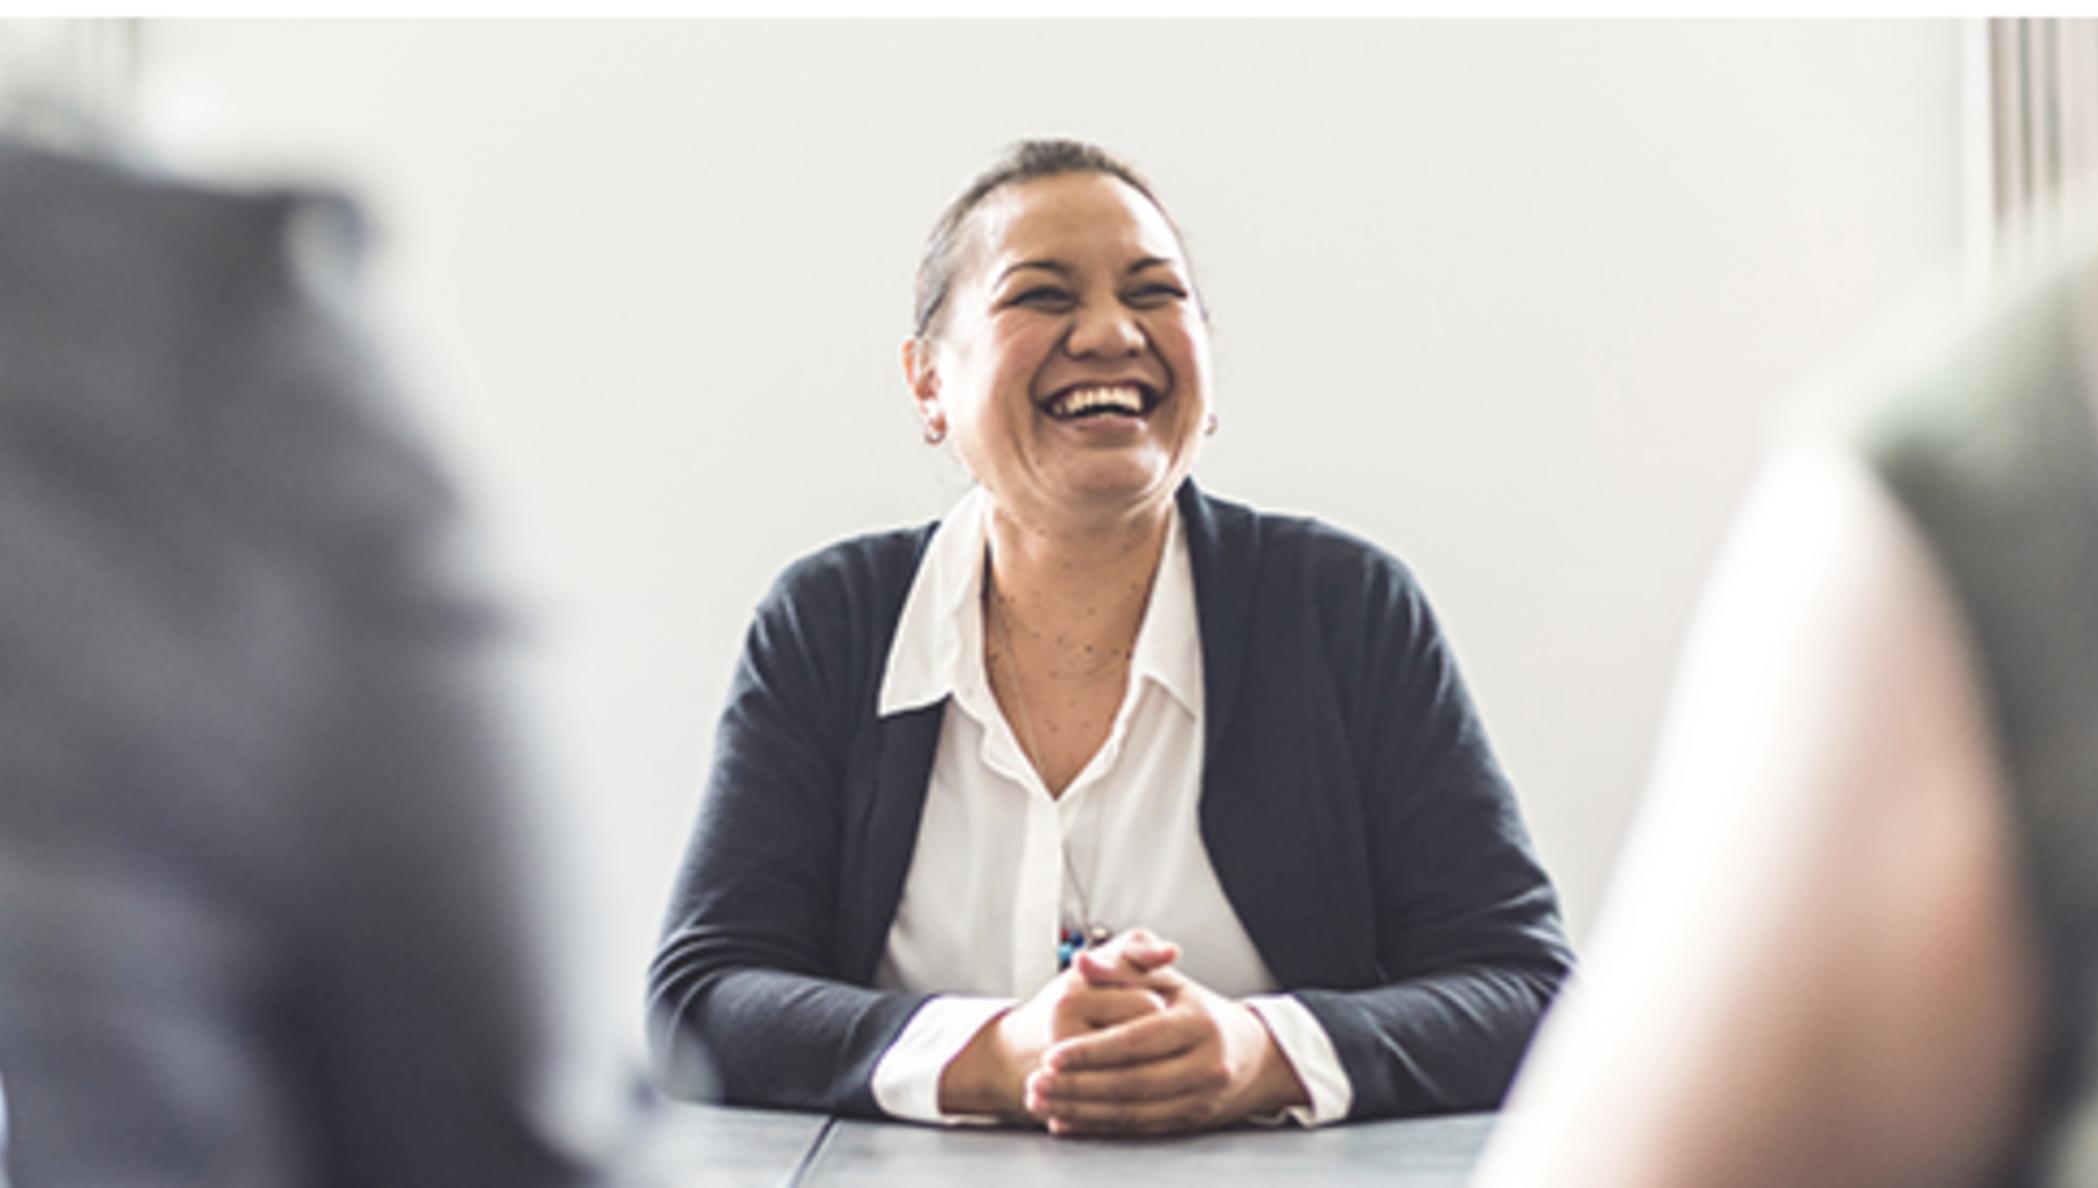 Une femme d'affaire sourit à des clients depuis son bureau.